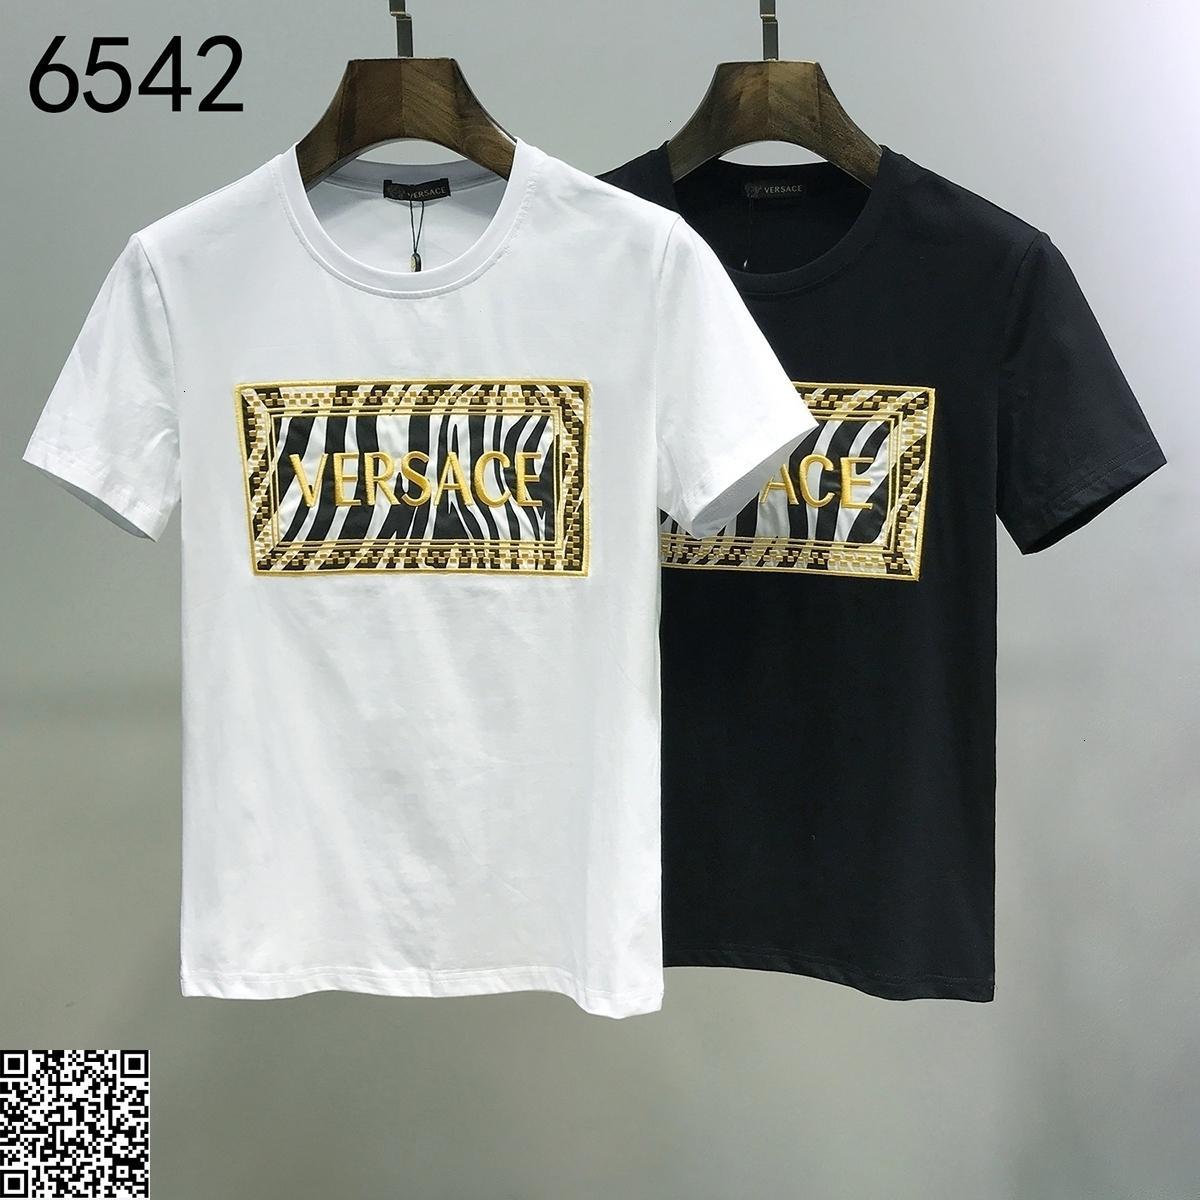 2020 nouveaux T-shirt casual t-shirt mens de qualité supérieure 20191116-tyui5973 # 1232 * 27_6542